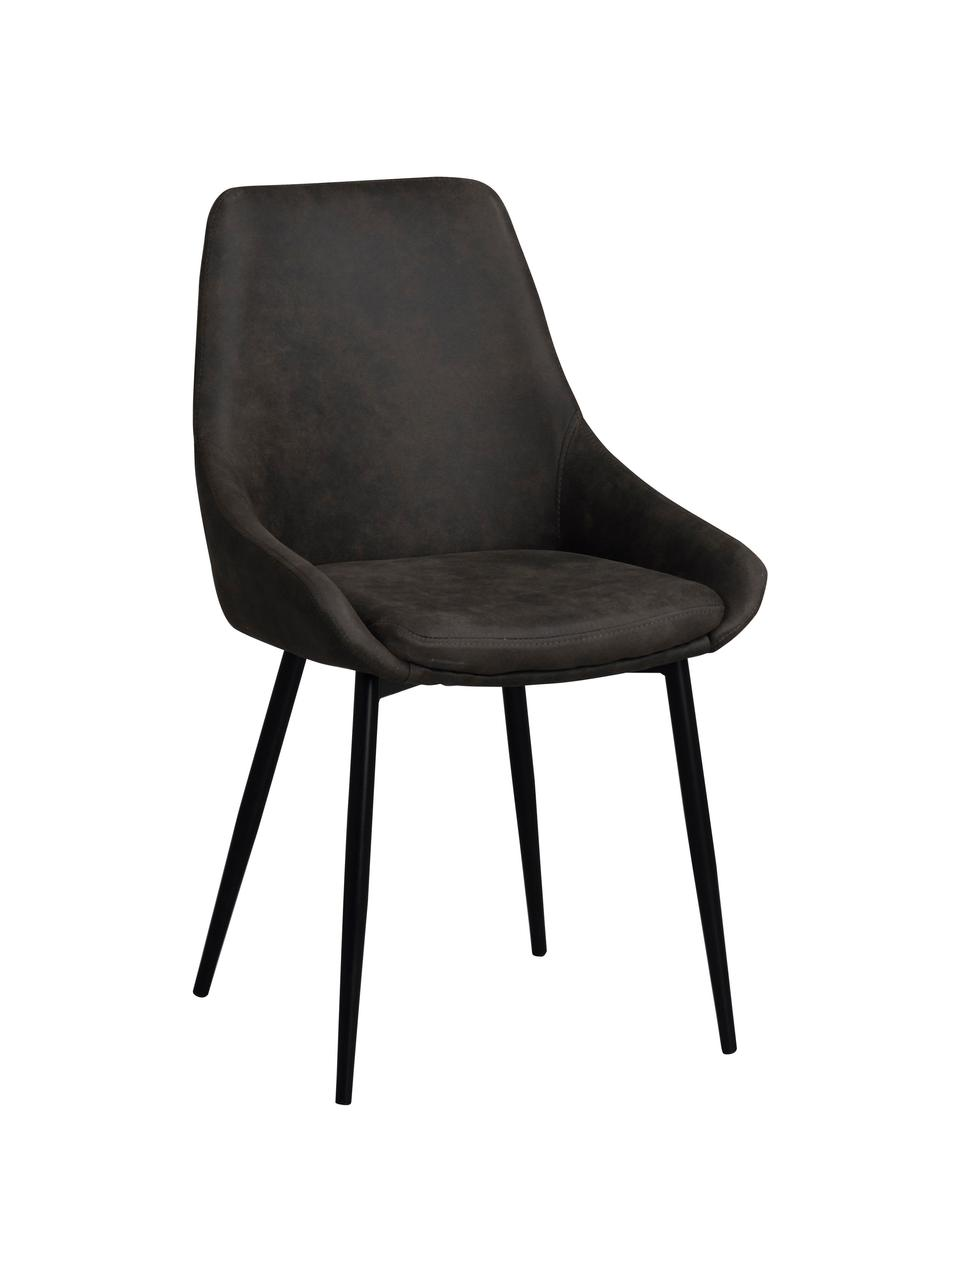 Krzesło tapicerowane ze sztucznej skóry Sierra, 2 szt., Tapicerka: poliester imitujący zamsz, Nogi: metal lakierowany, Ciemny szary, nogi: czarny, S 49 x G 55 cm